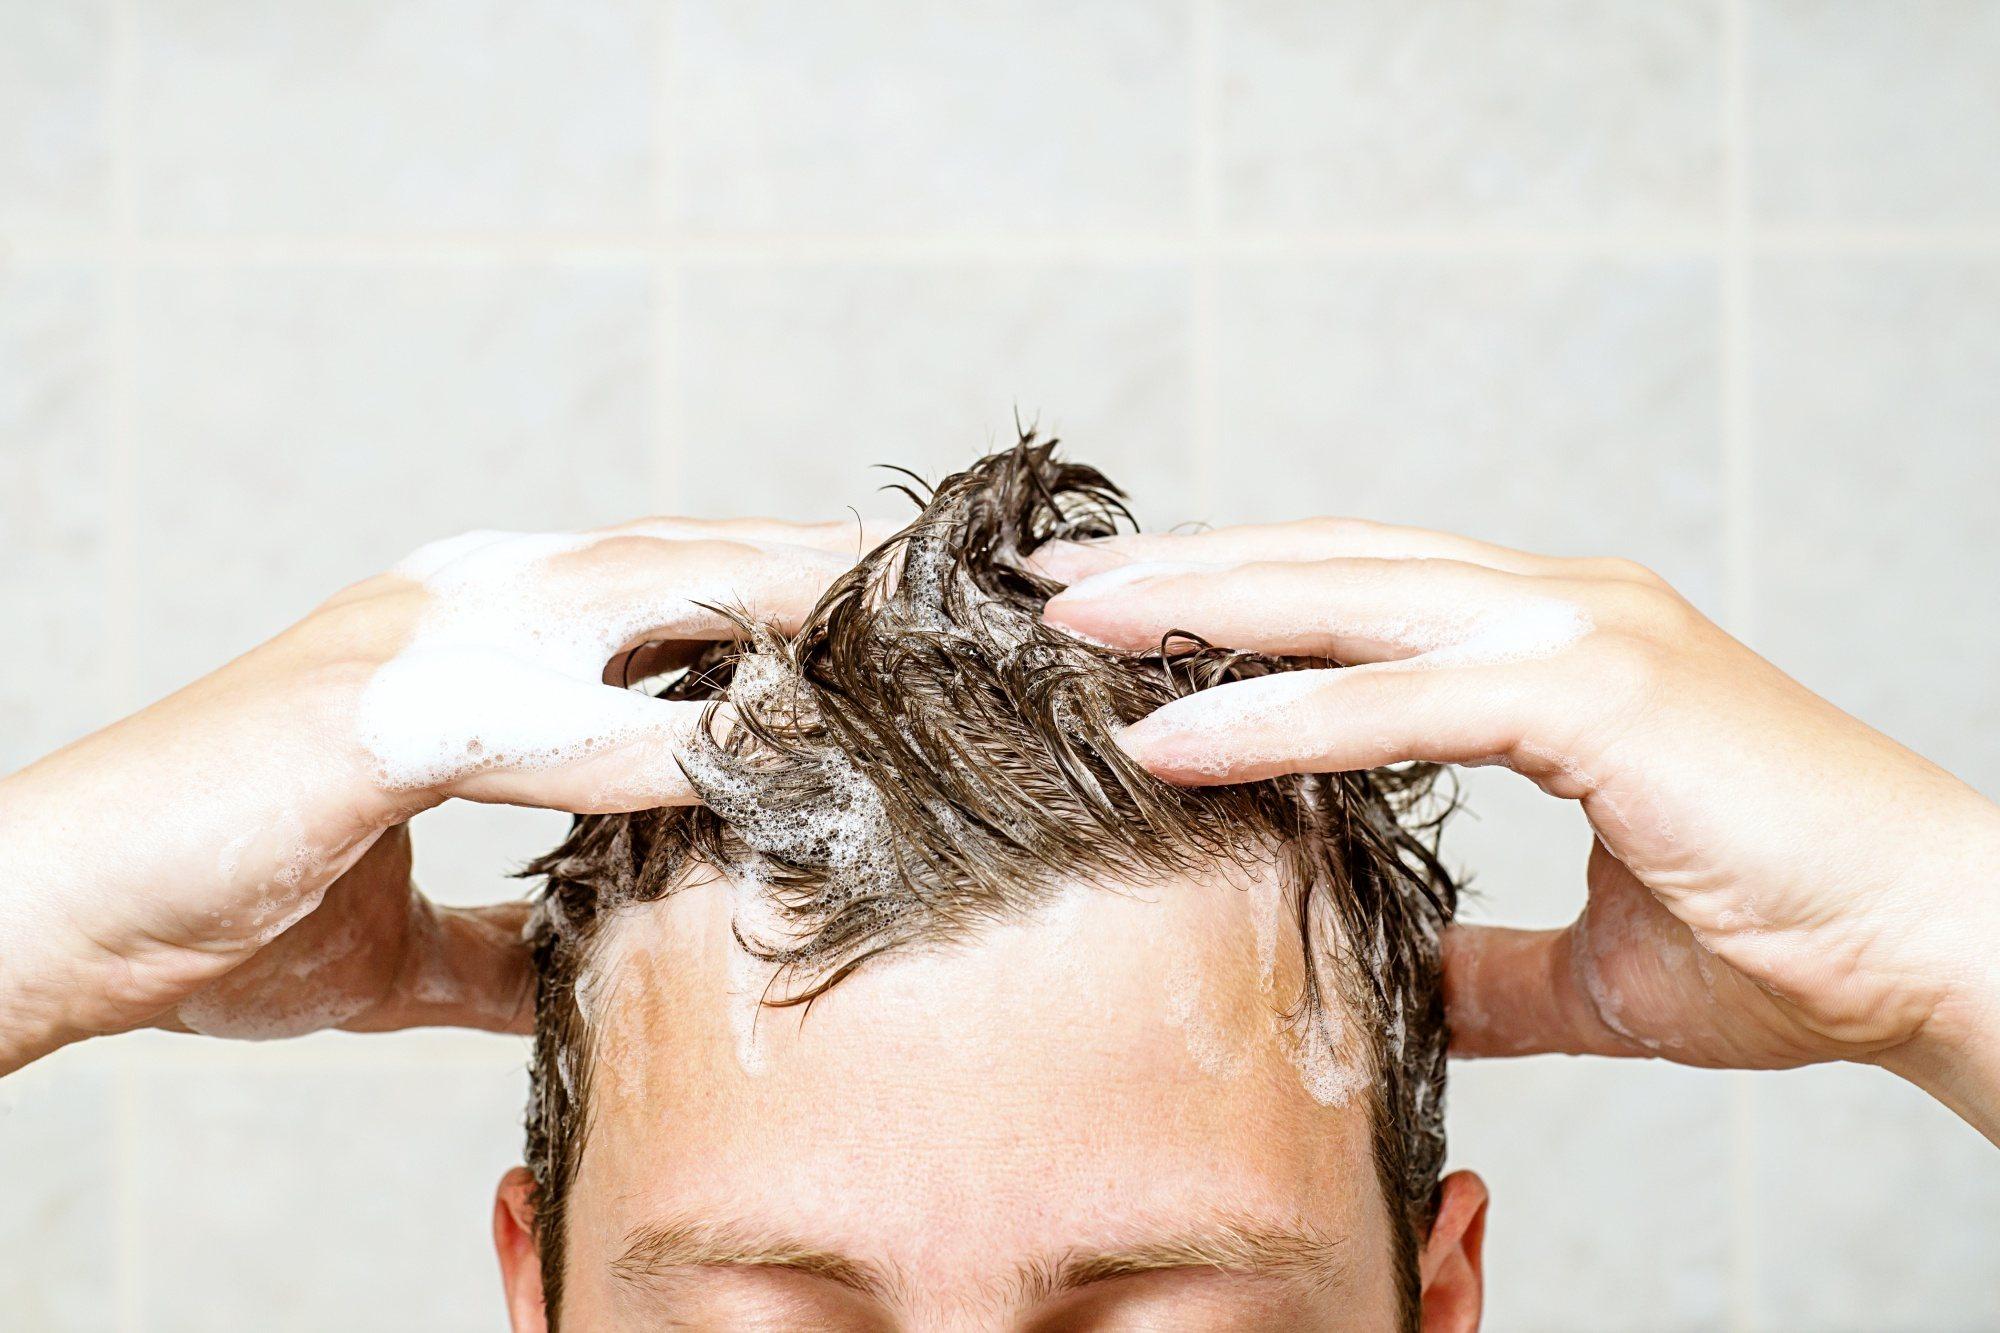 mens-grooming-wash-hair-shutterstock.jpg